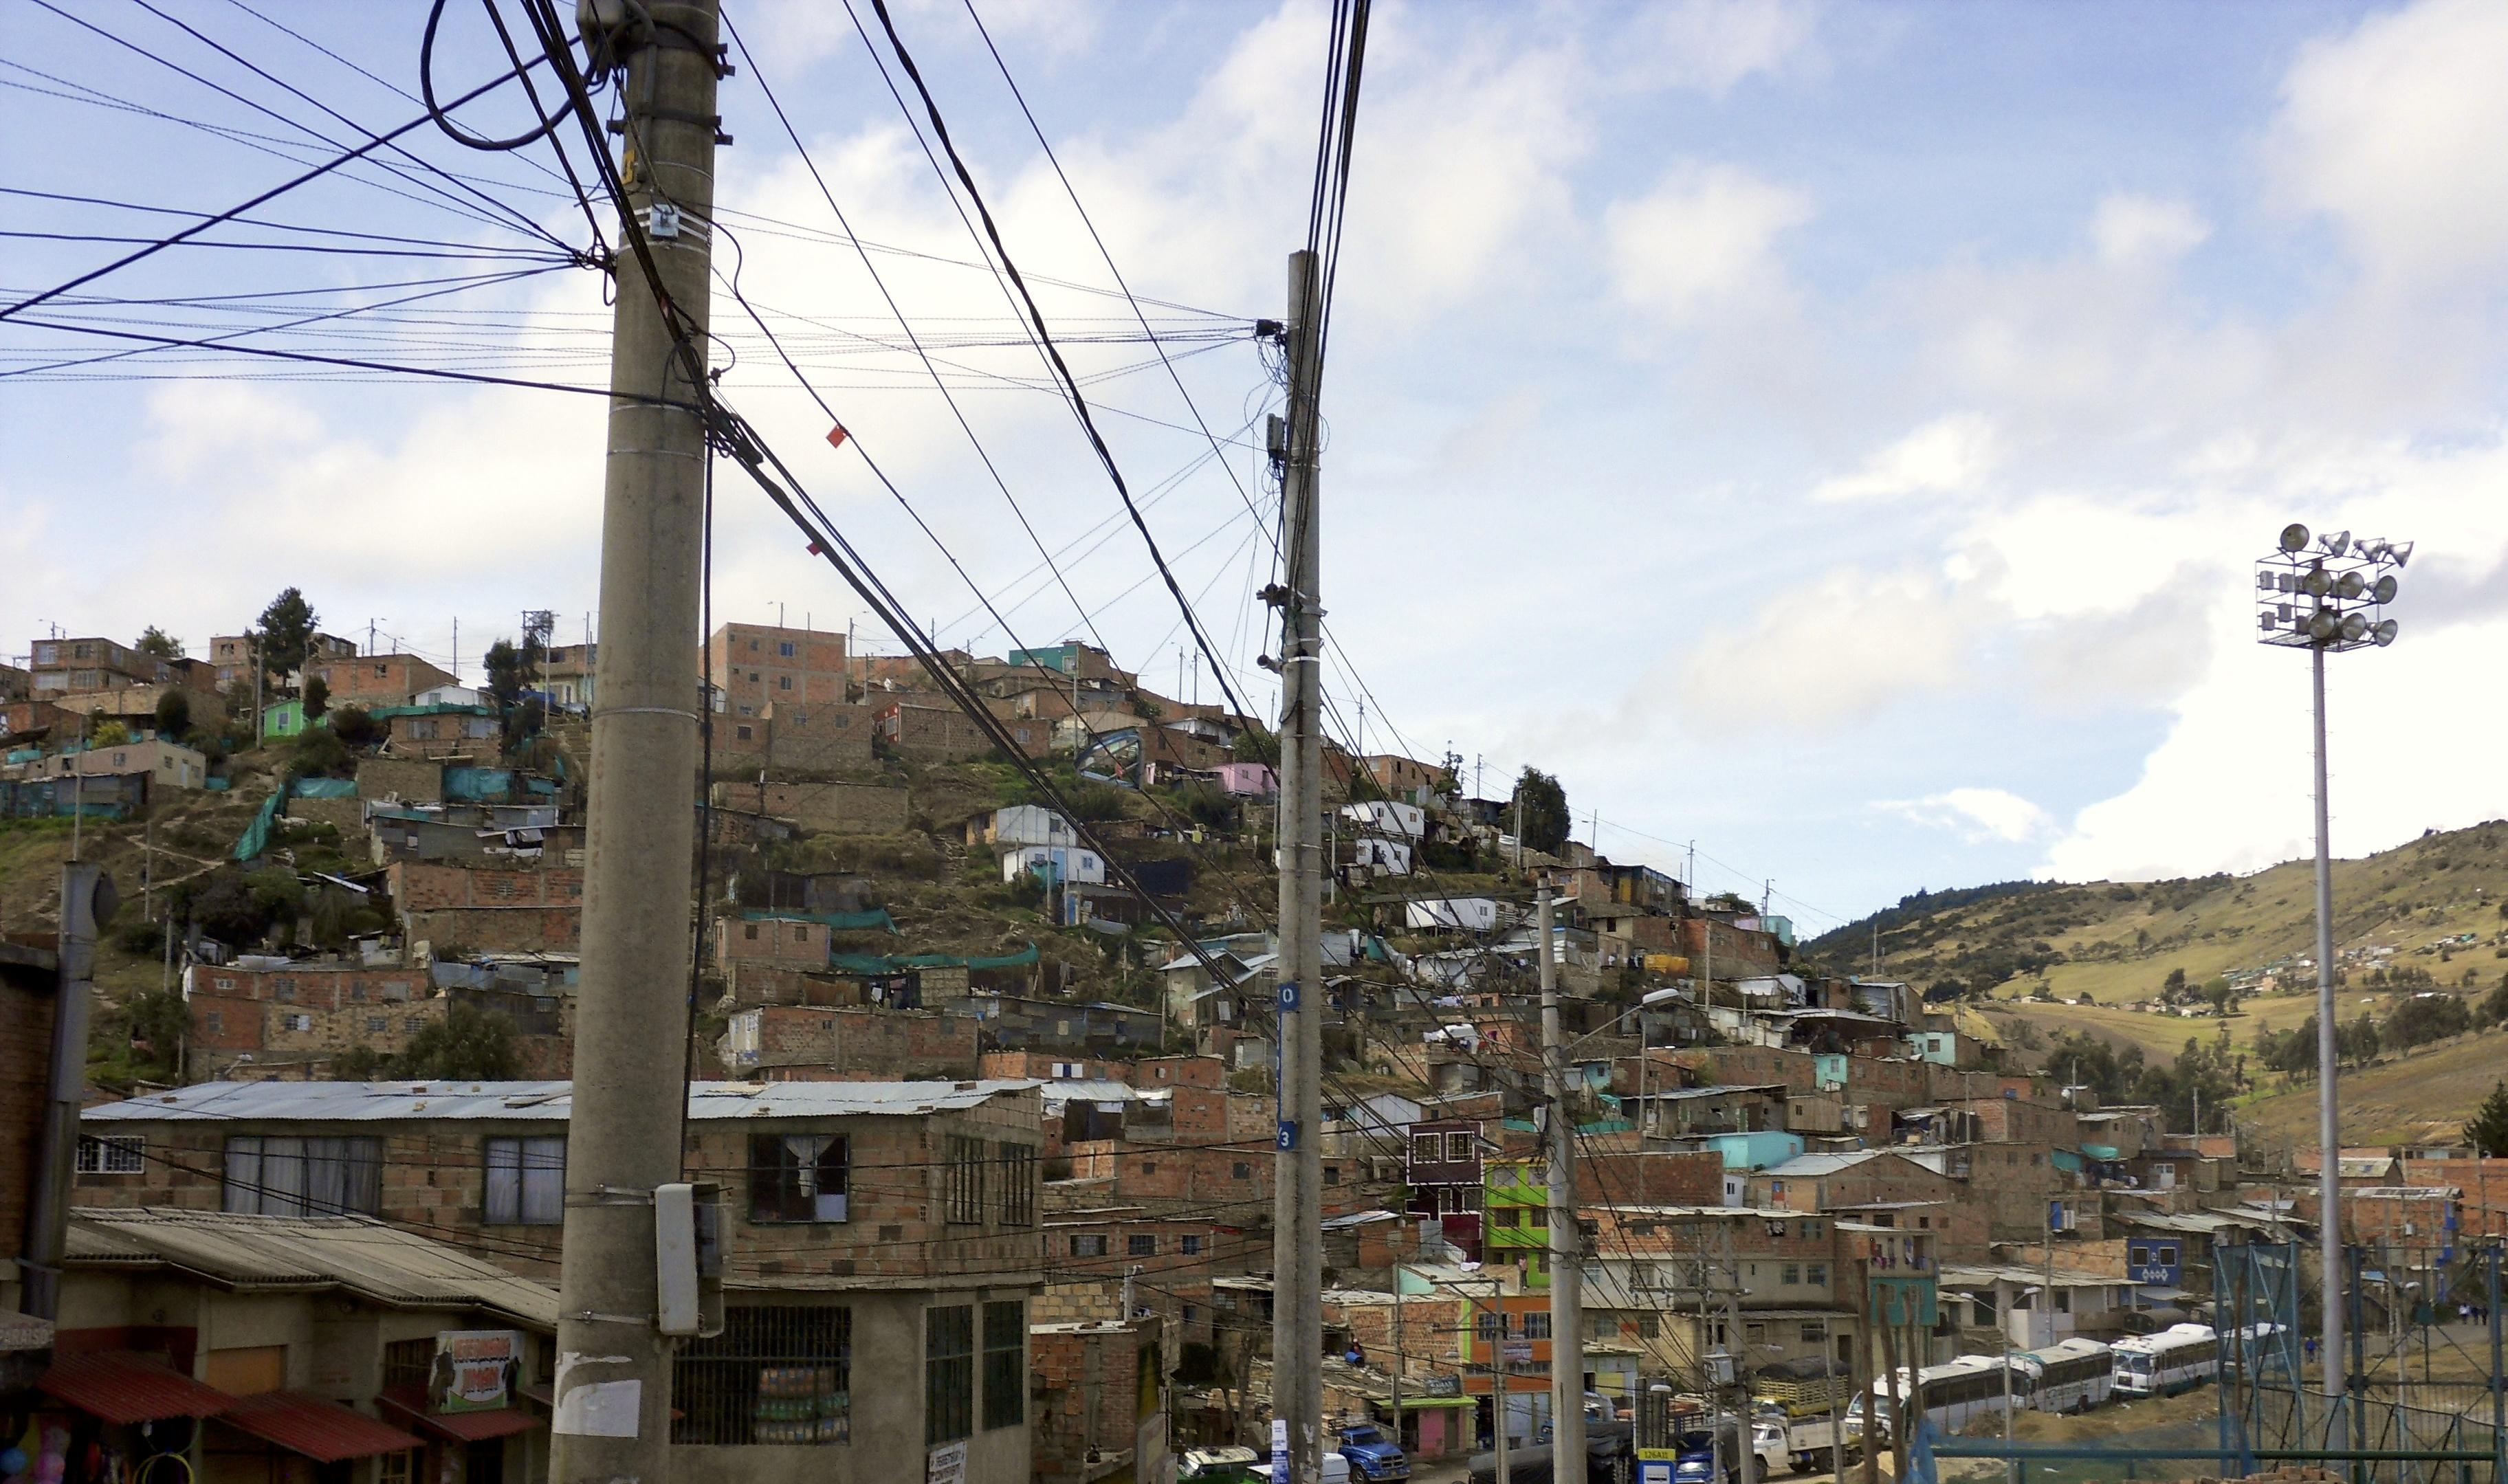 Ciudad Bolivar, Bogota. Crédit photo Simon De Bergh